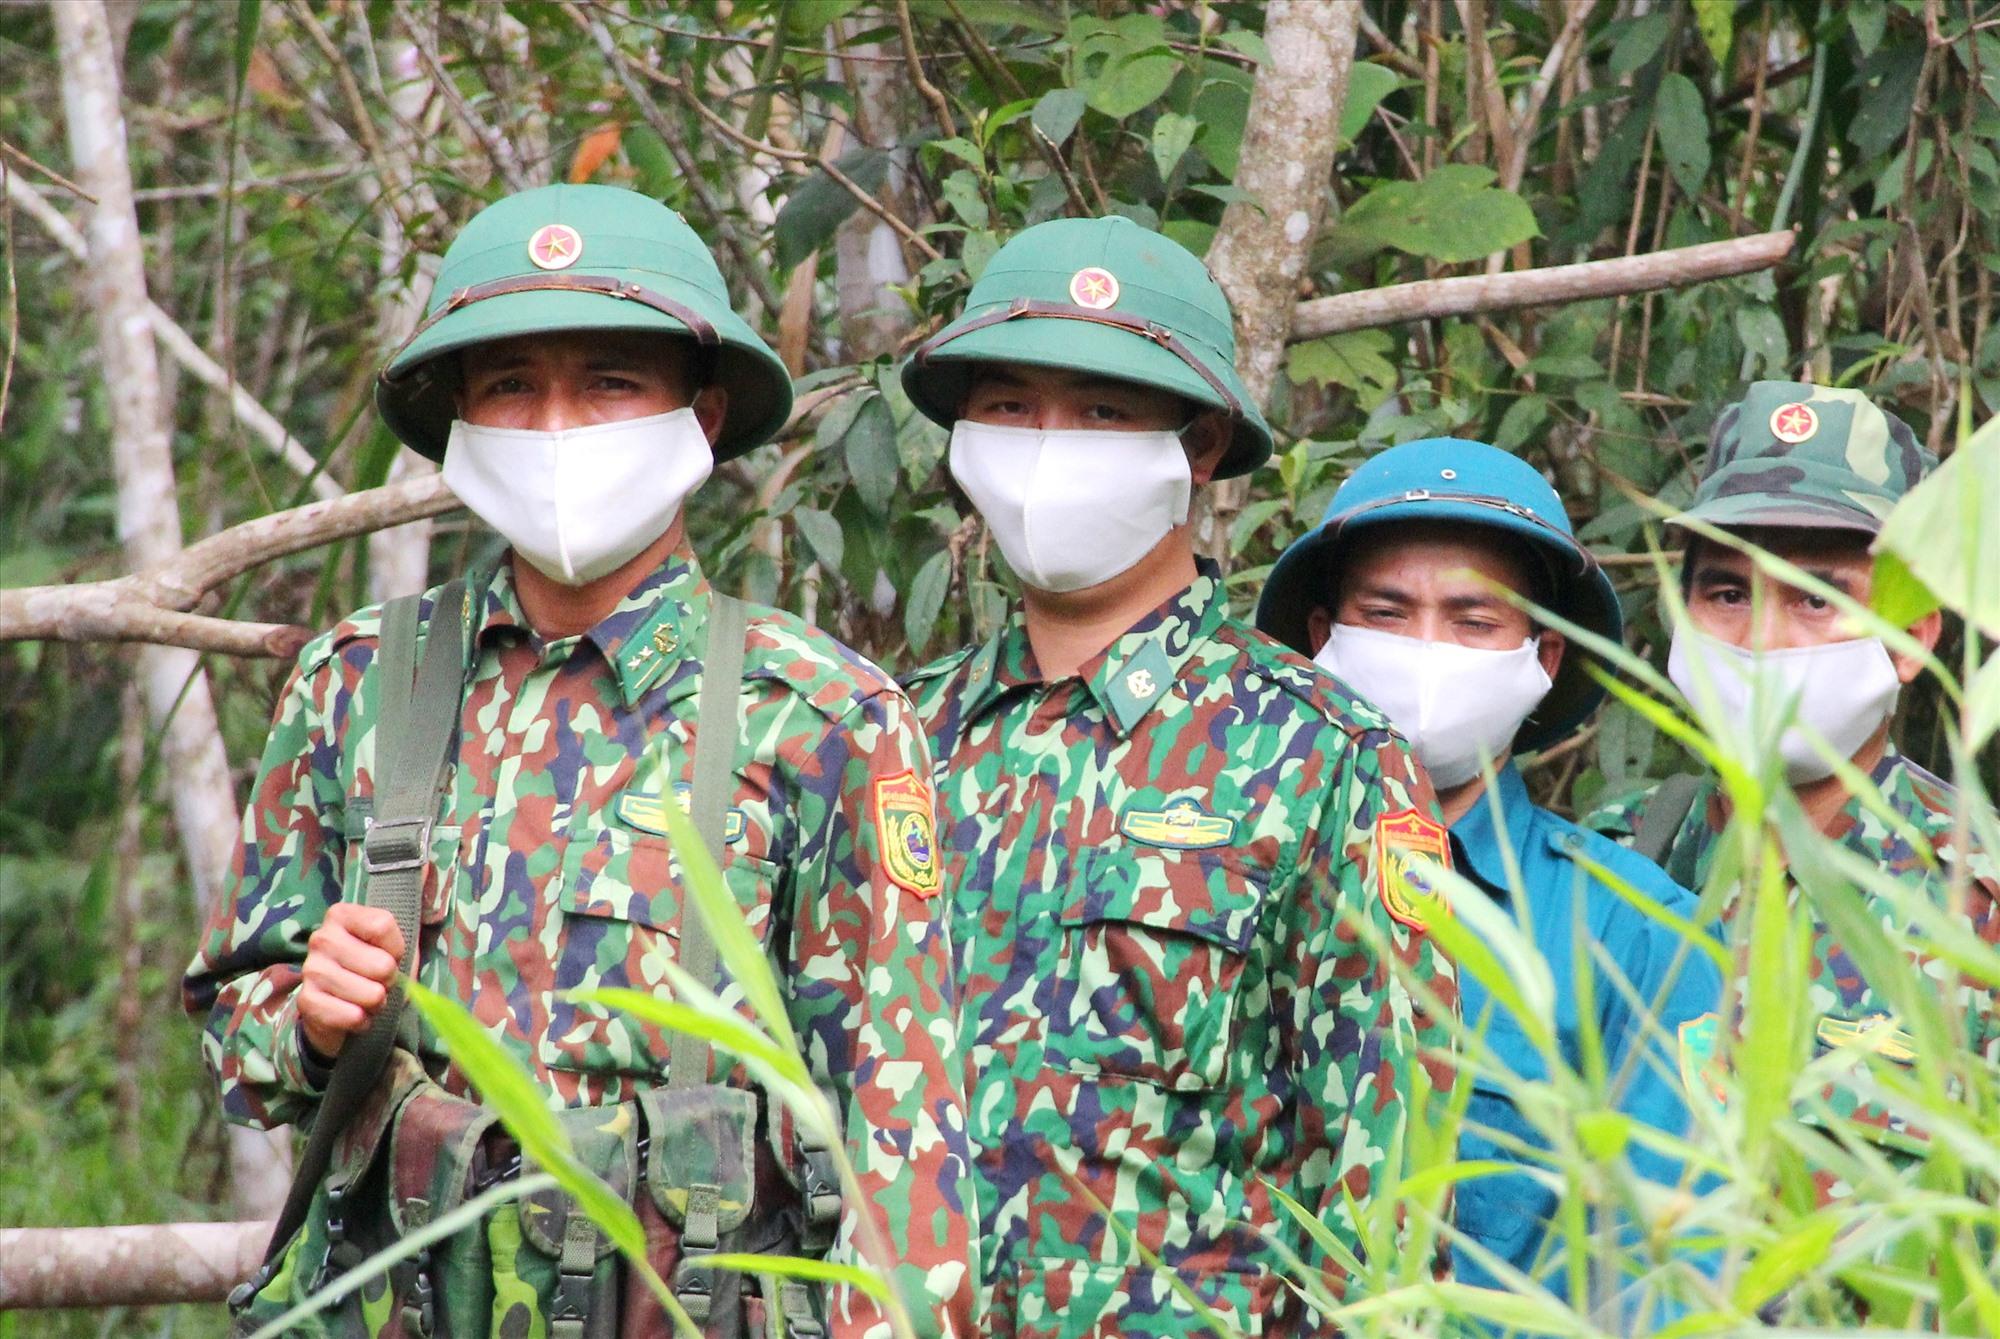 Trung úy Hồ Văn Hòa dẫn đầu đoàn tuần tra chốt gác Đồn Biên phòng A Xan. Ảnh: NGƯỚC CÔNG